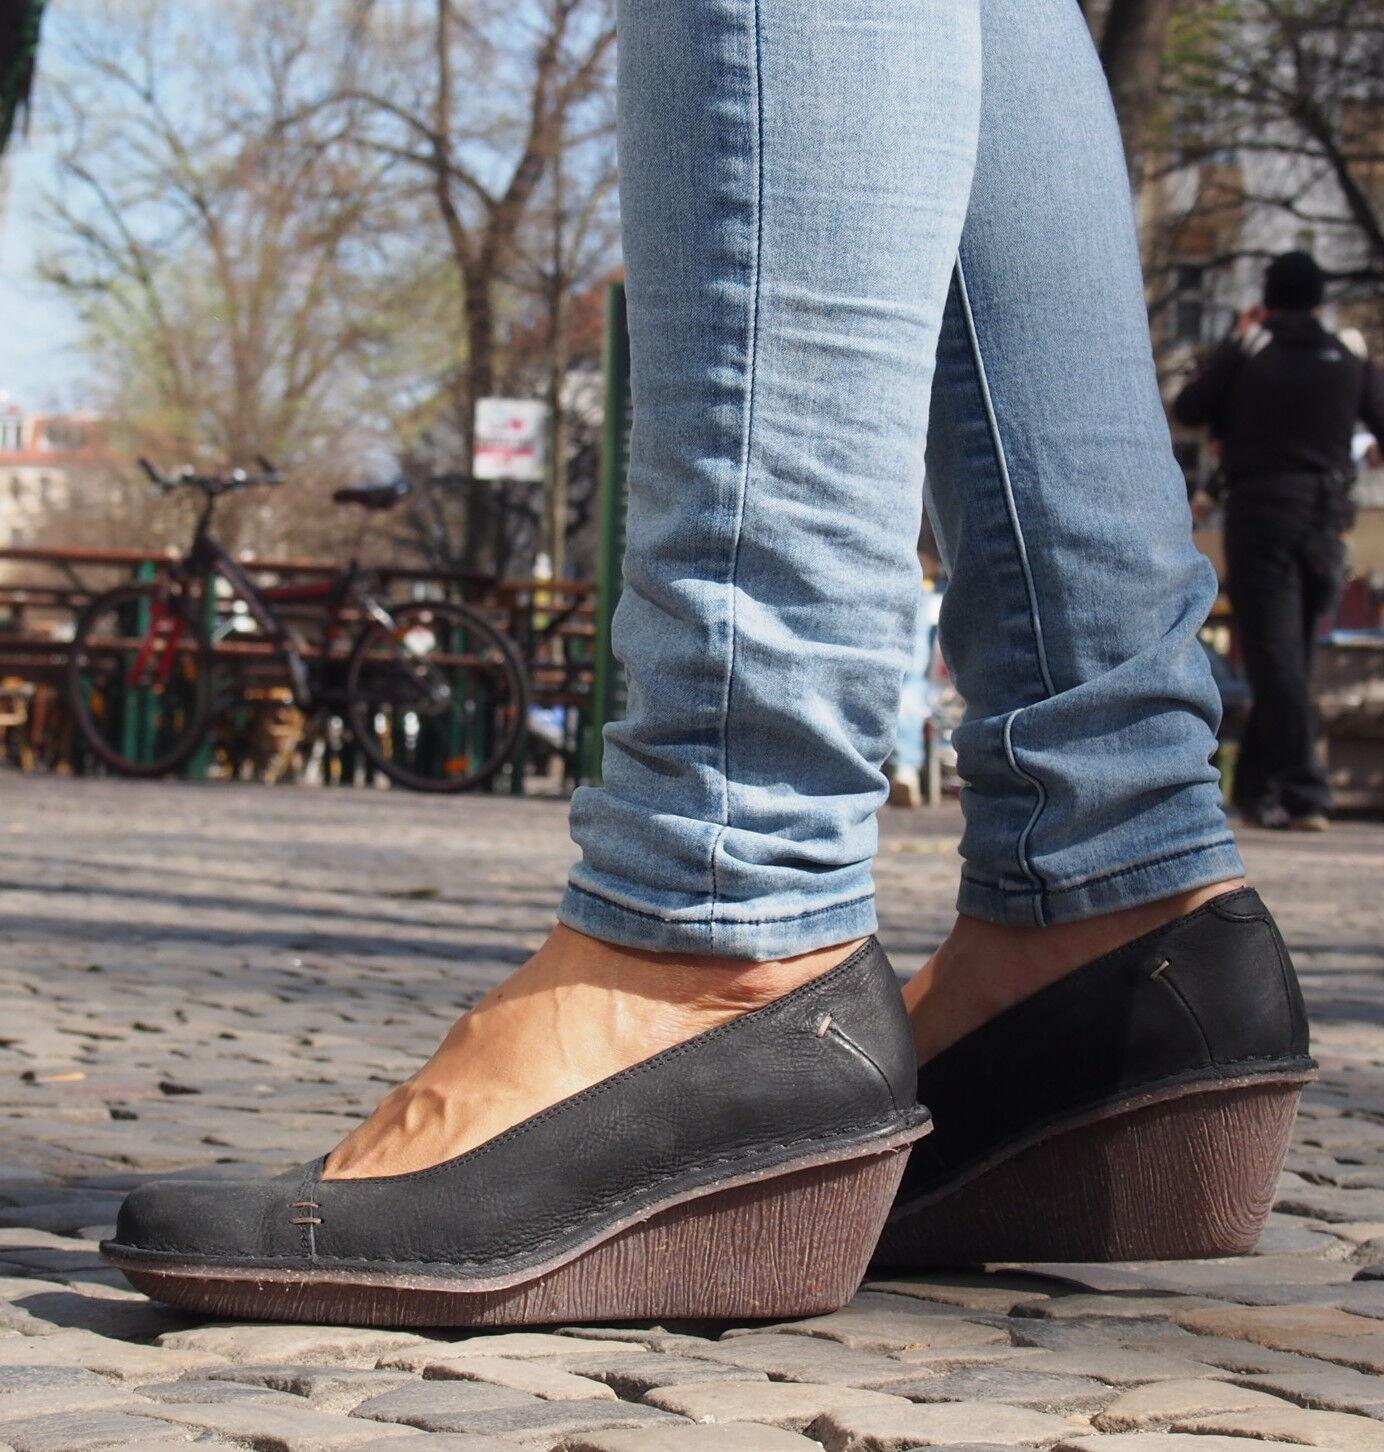 Clarks Originals Damenschuhe HARLAN BEACH schwarz Pumps Echtleder Schuhe NEU